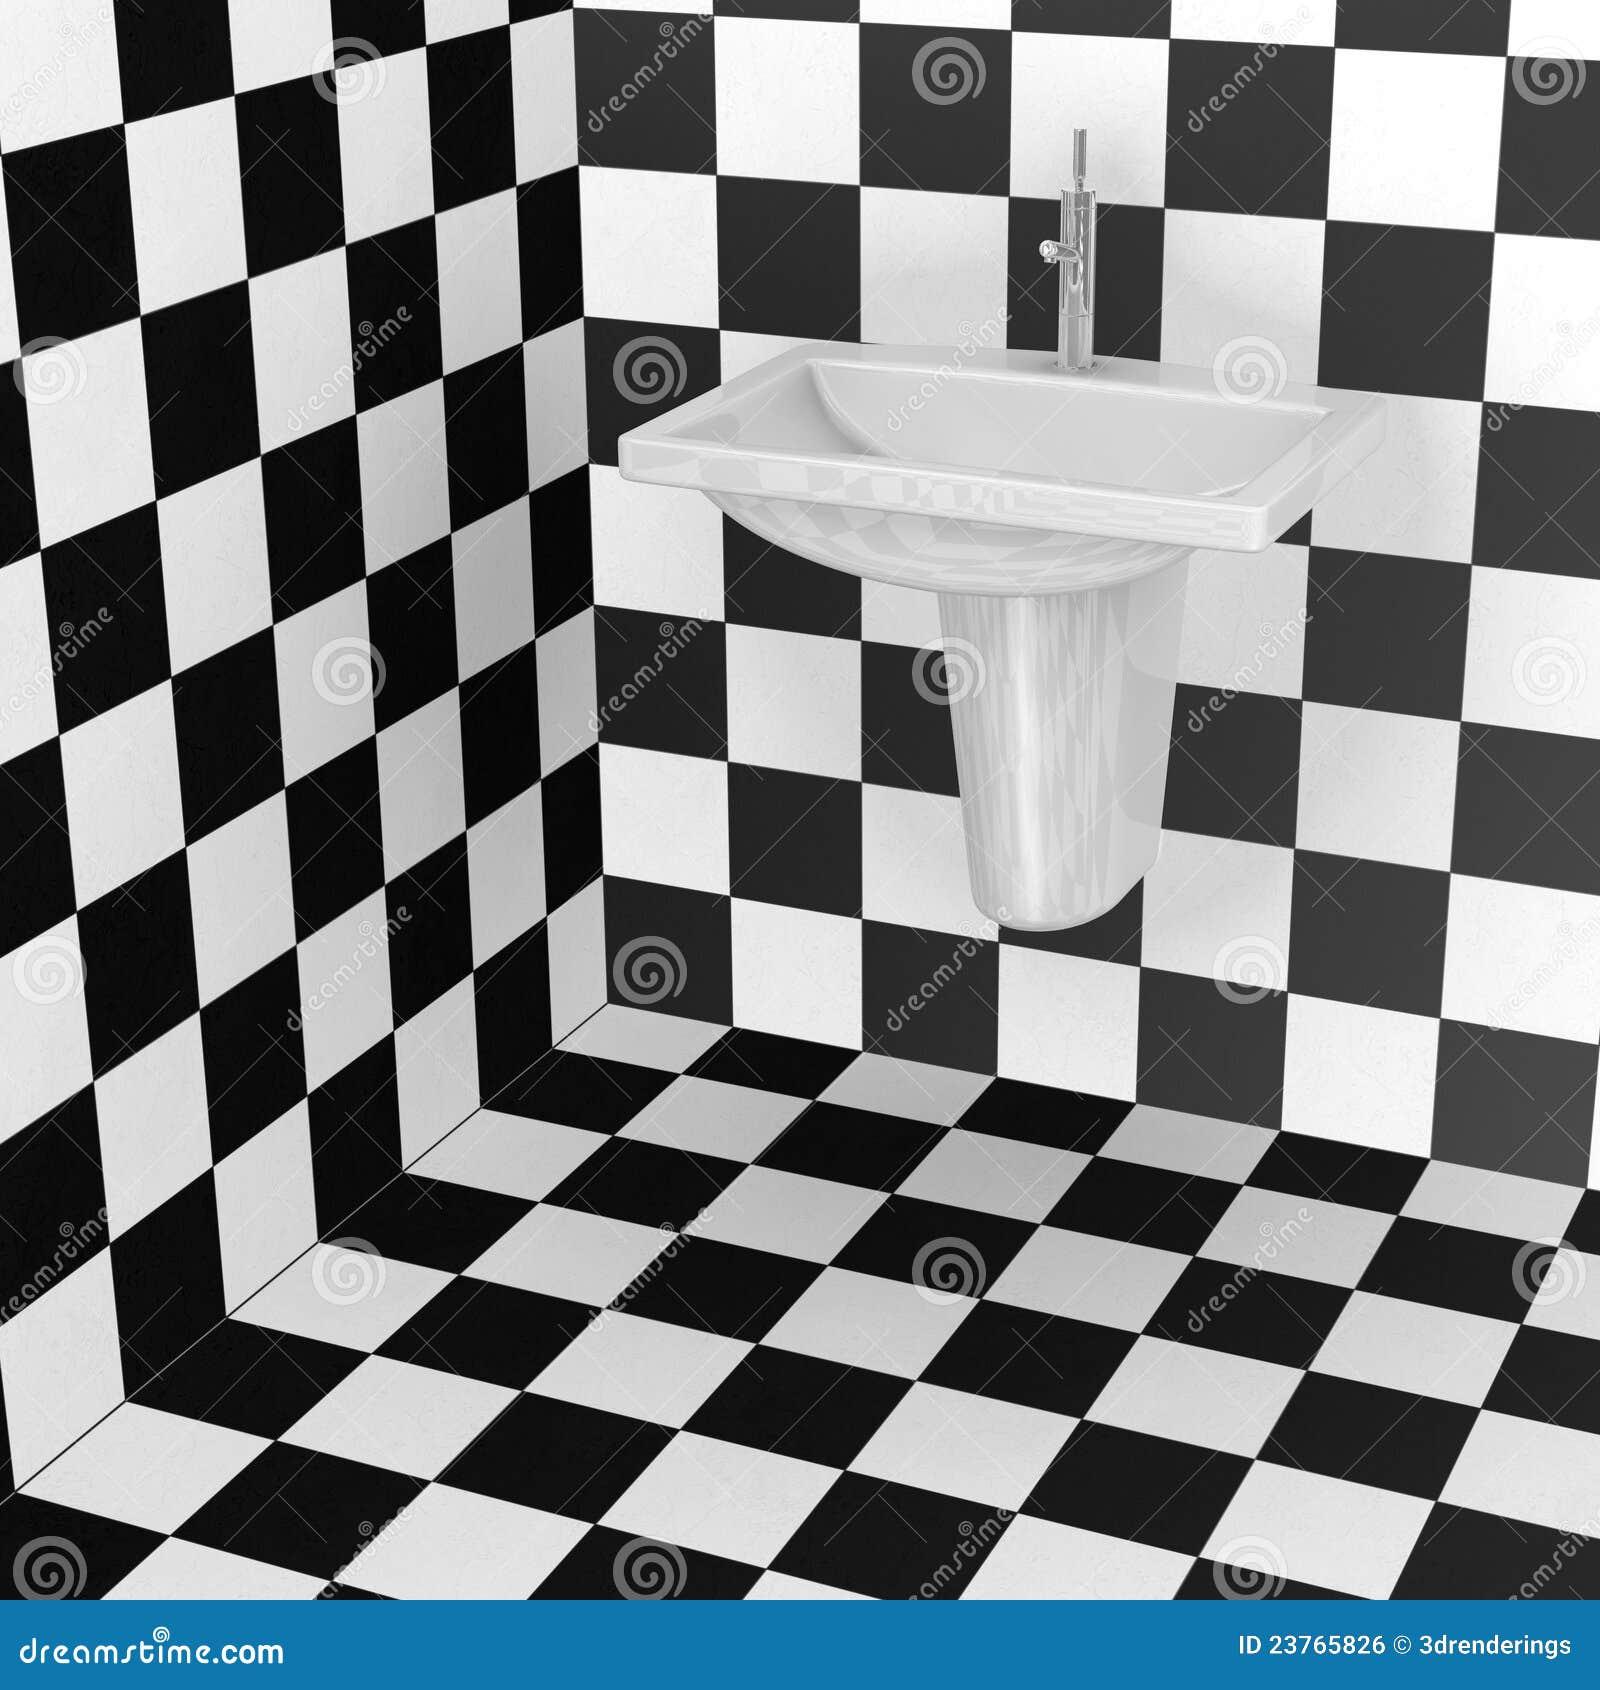 De tegels van de badkamers zwart wit patroon royalty vrije stock afbeelding afbeelding 23765826 - Tegel patroon badkamer ...